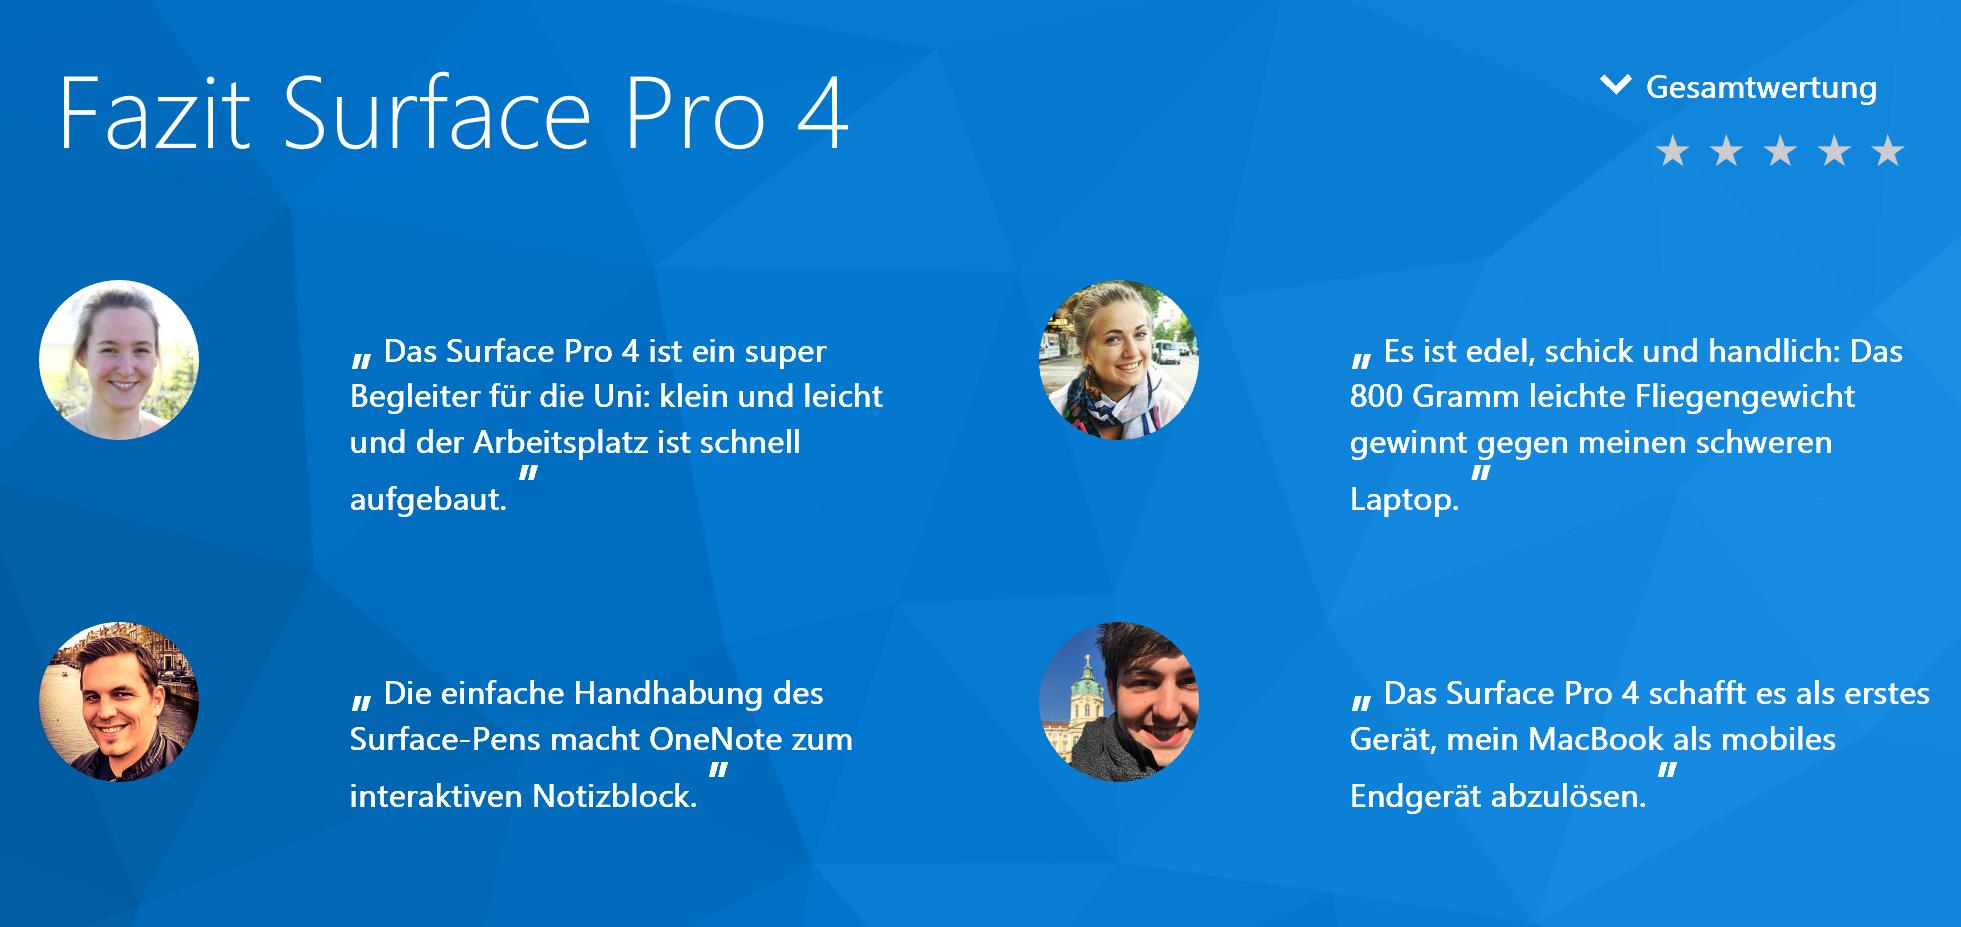 PT-Pro4